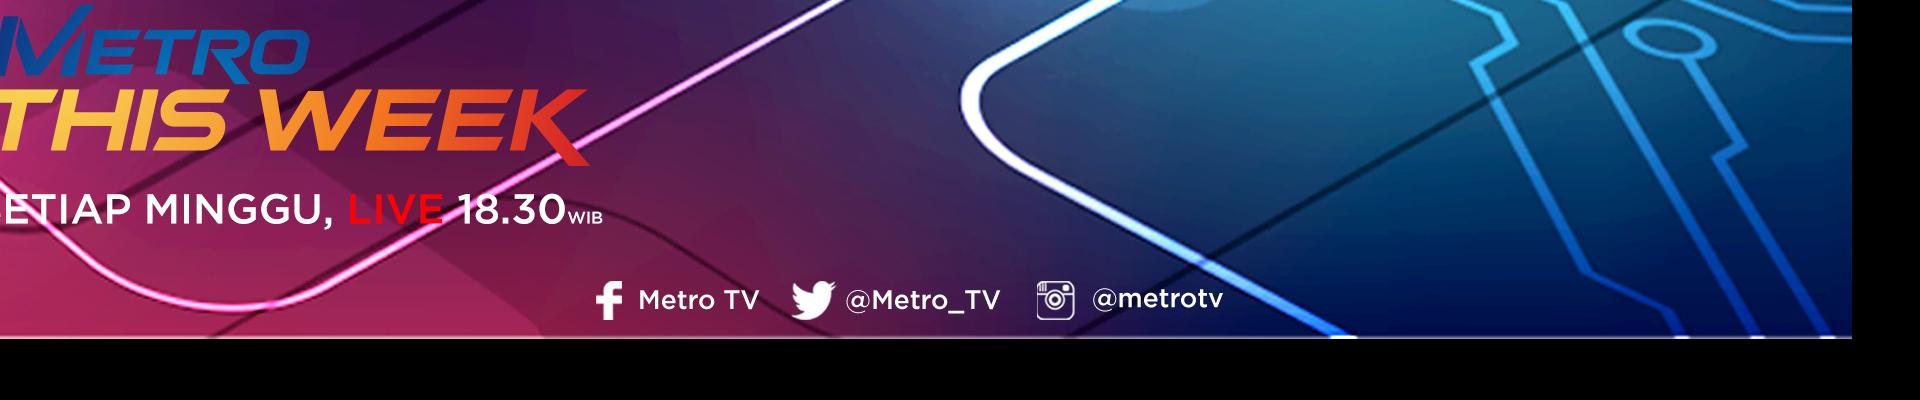 Metro This Week